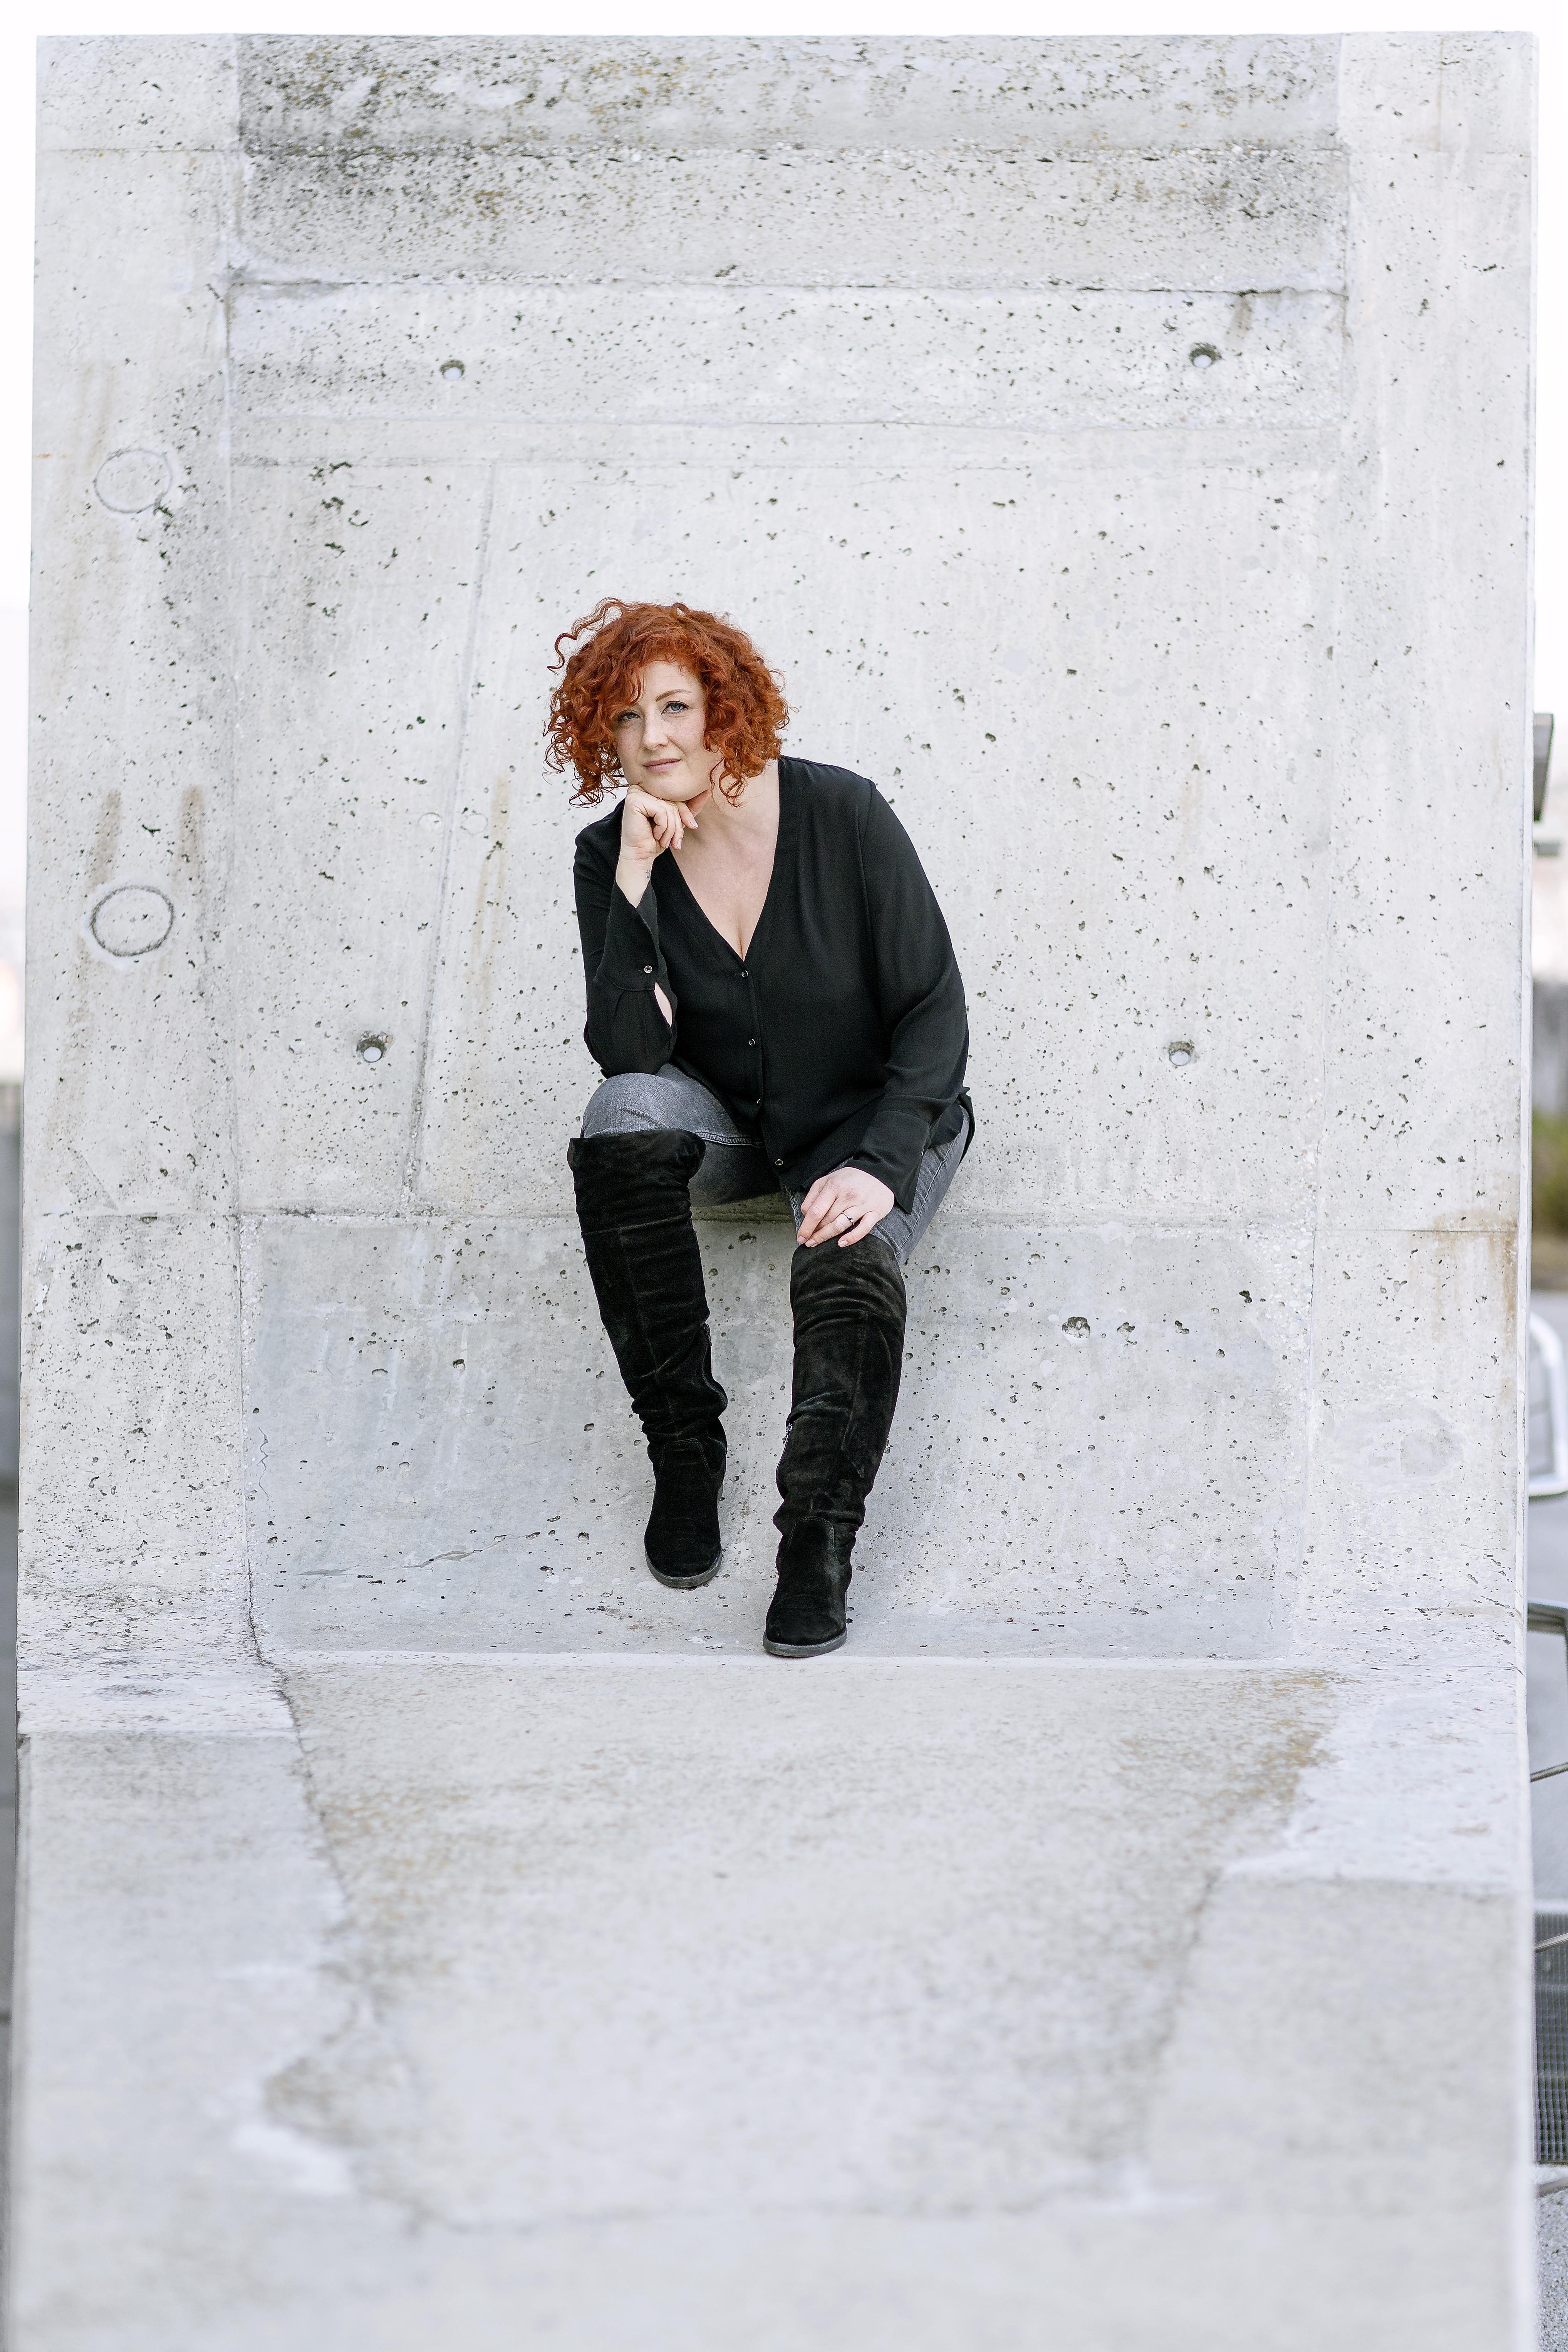 Julia D. Krammer / 2021